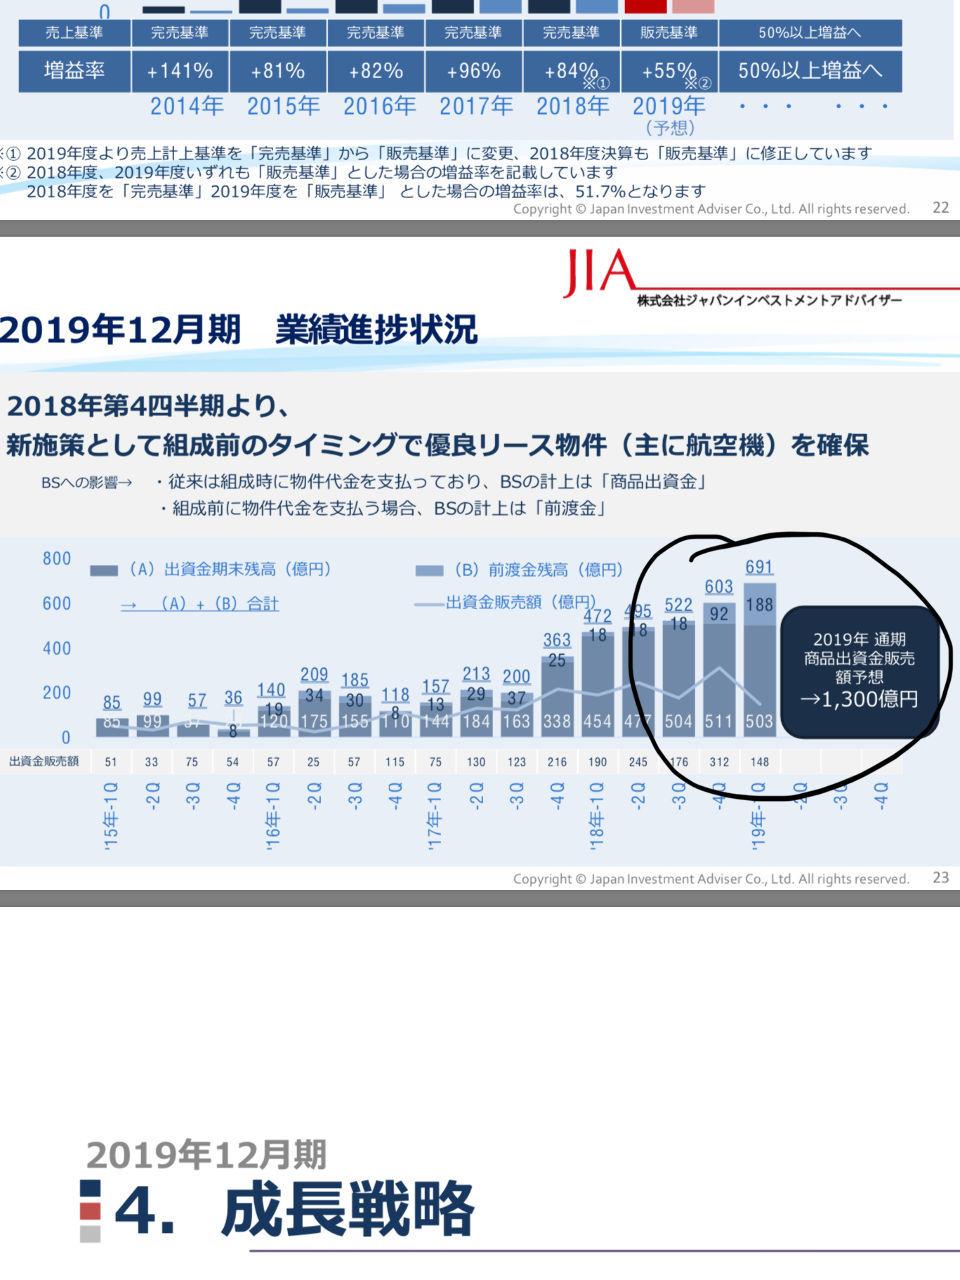 7172 - (株)ジャパンインベストメントアドバイザー 昨日のPTSの狼狽ワロタ。期間ズレと資料で出してるのにw